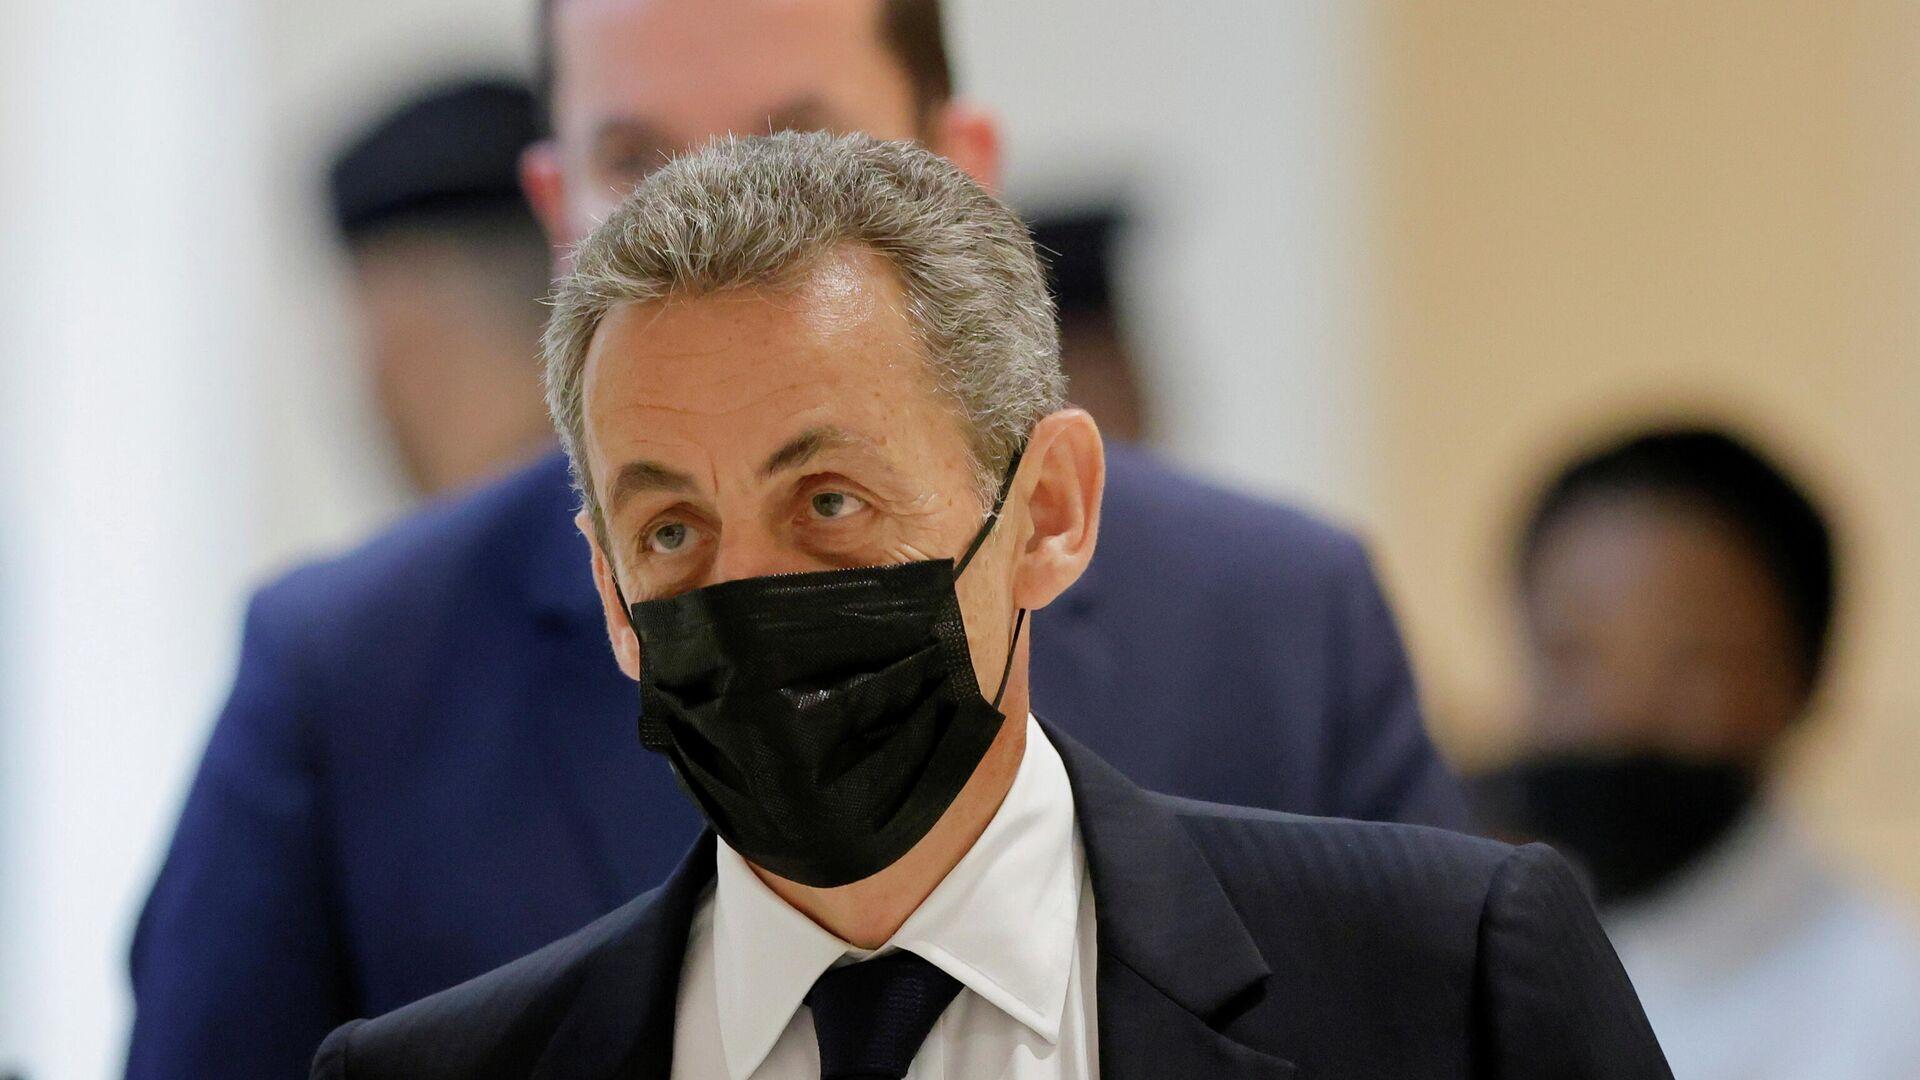 Prozess gegen Frankreichs Ex-Präsident Nicolas Sarkozy - SNA, 1920, 30.09.2021